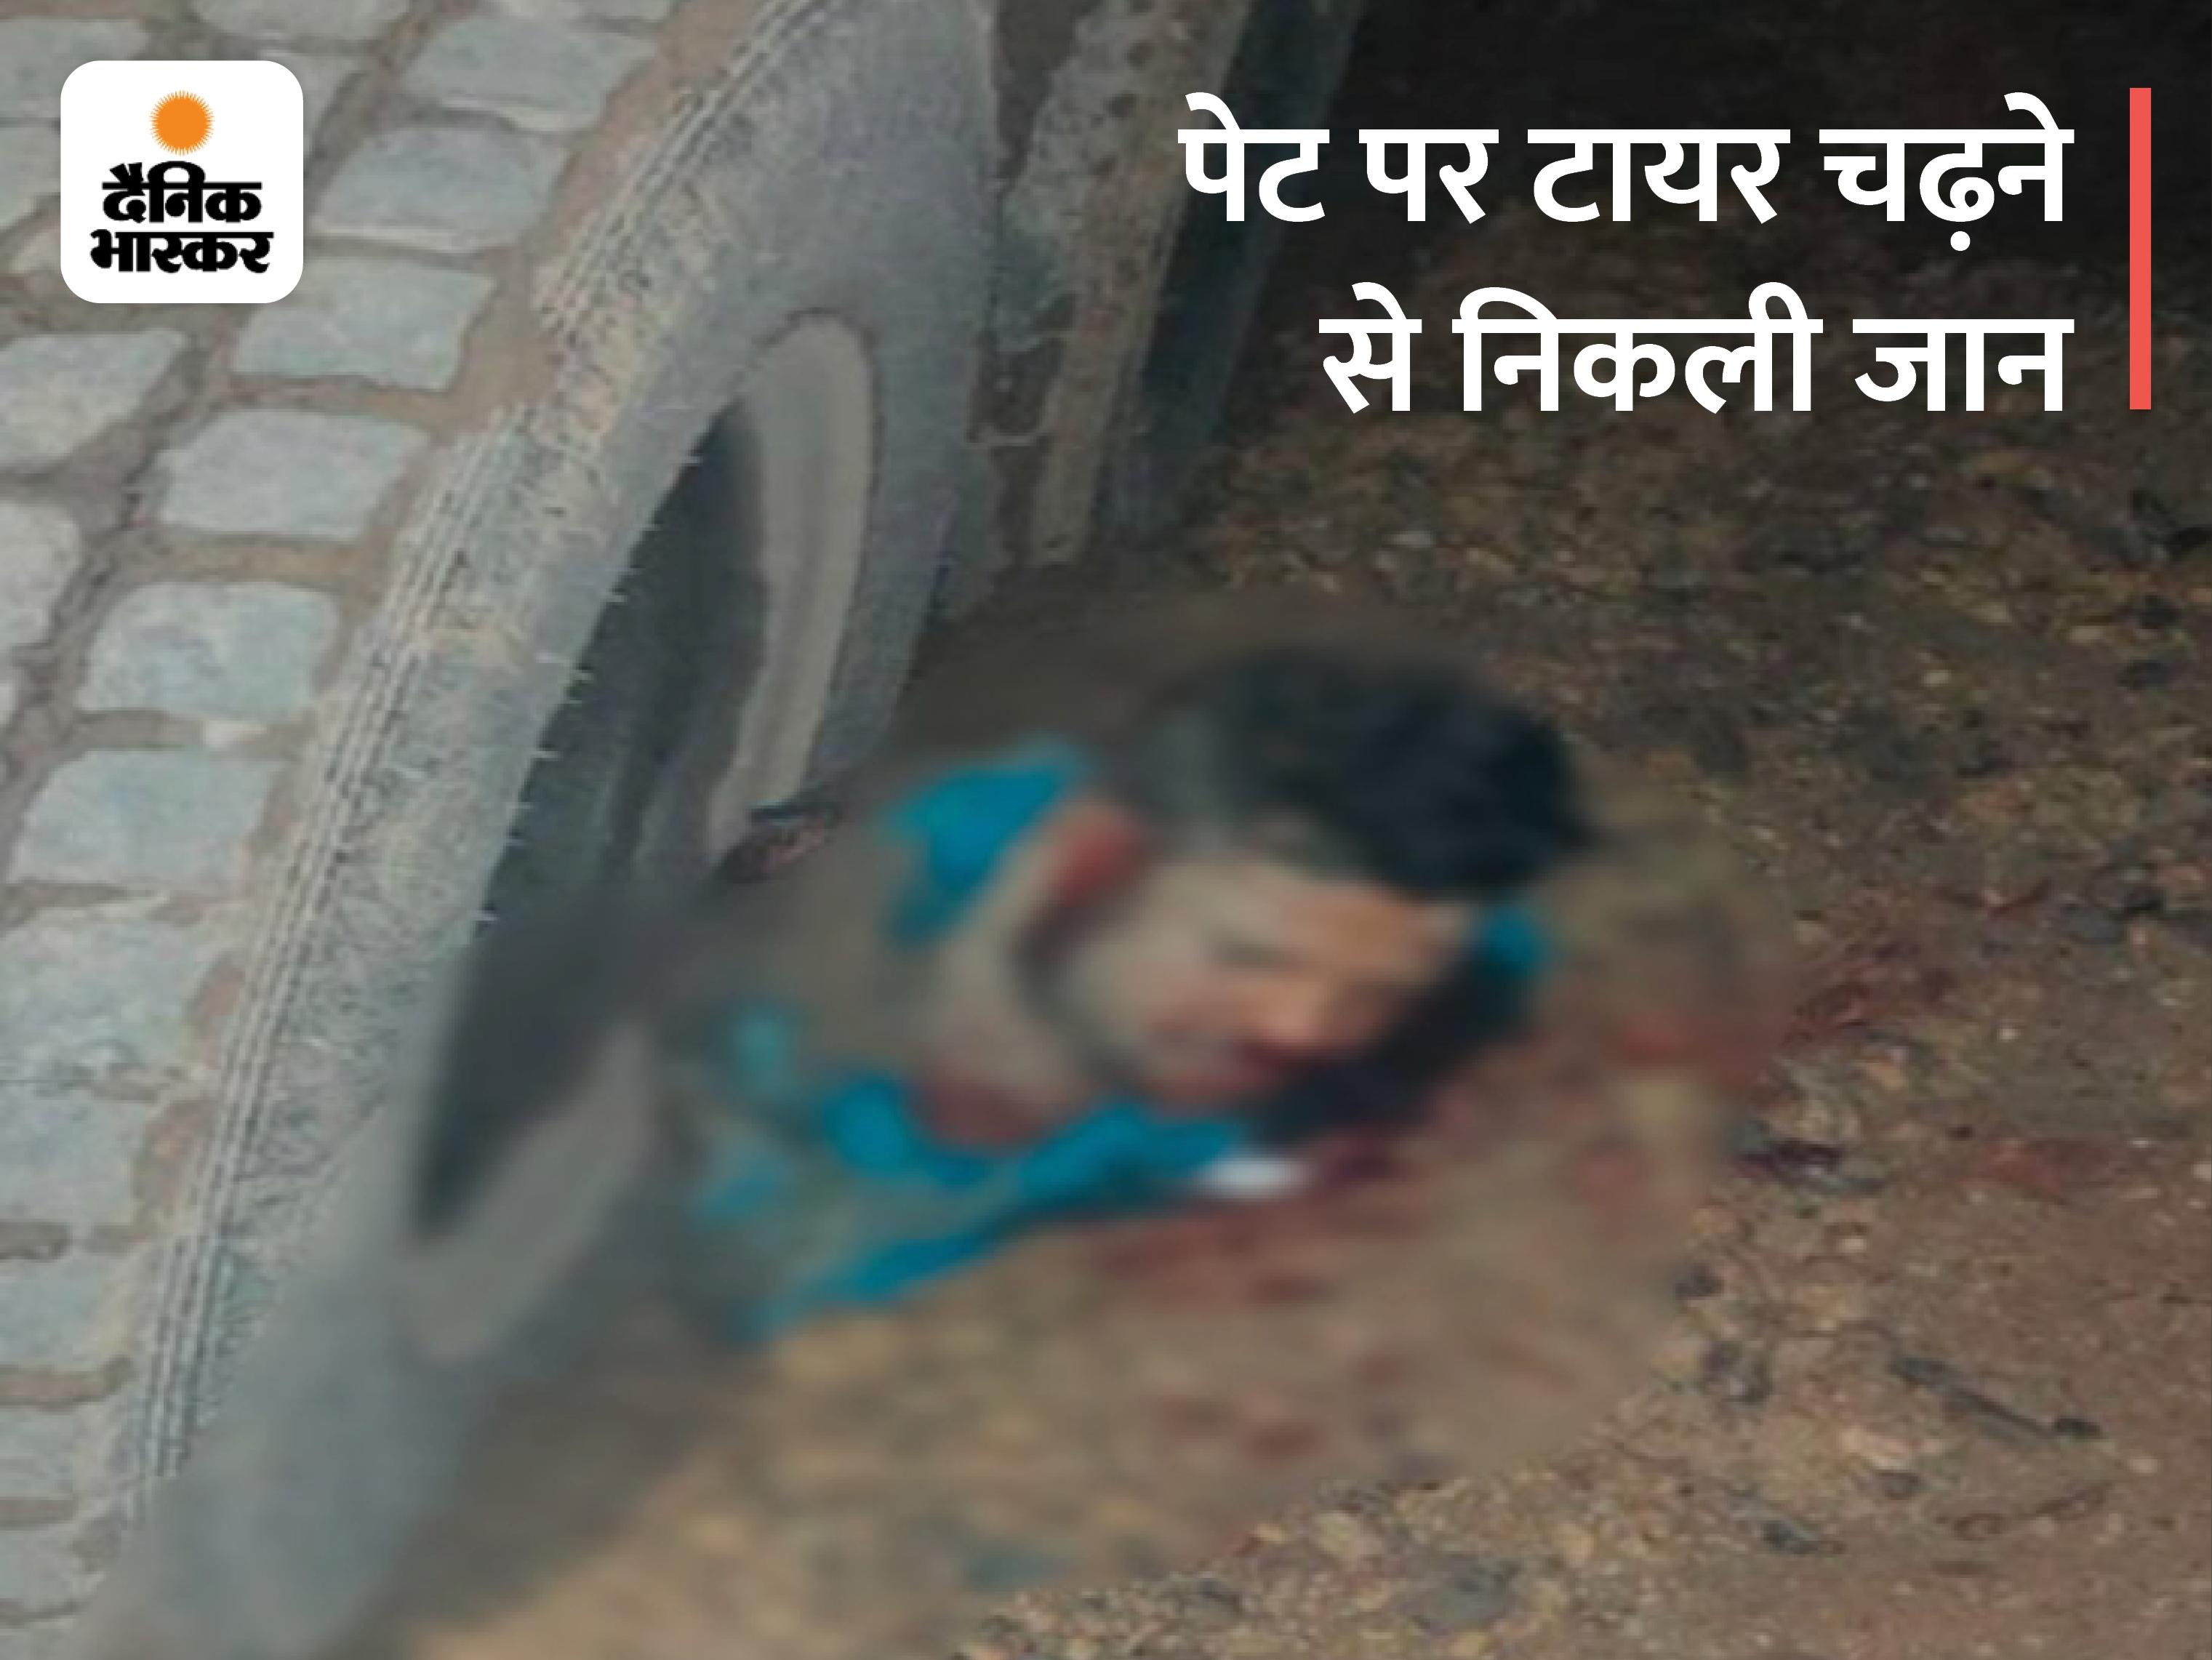 बिलासपुर में कोयला लदे ट्रक ने बाइक सवारों को रौंदा; 3 घंटे तक पहिए के नीचे फंसा रहा शव, JCB की मदद से निकाला|छत्तीसगढ़,Chhattisgarh - Dainik Bhaskar